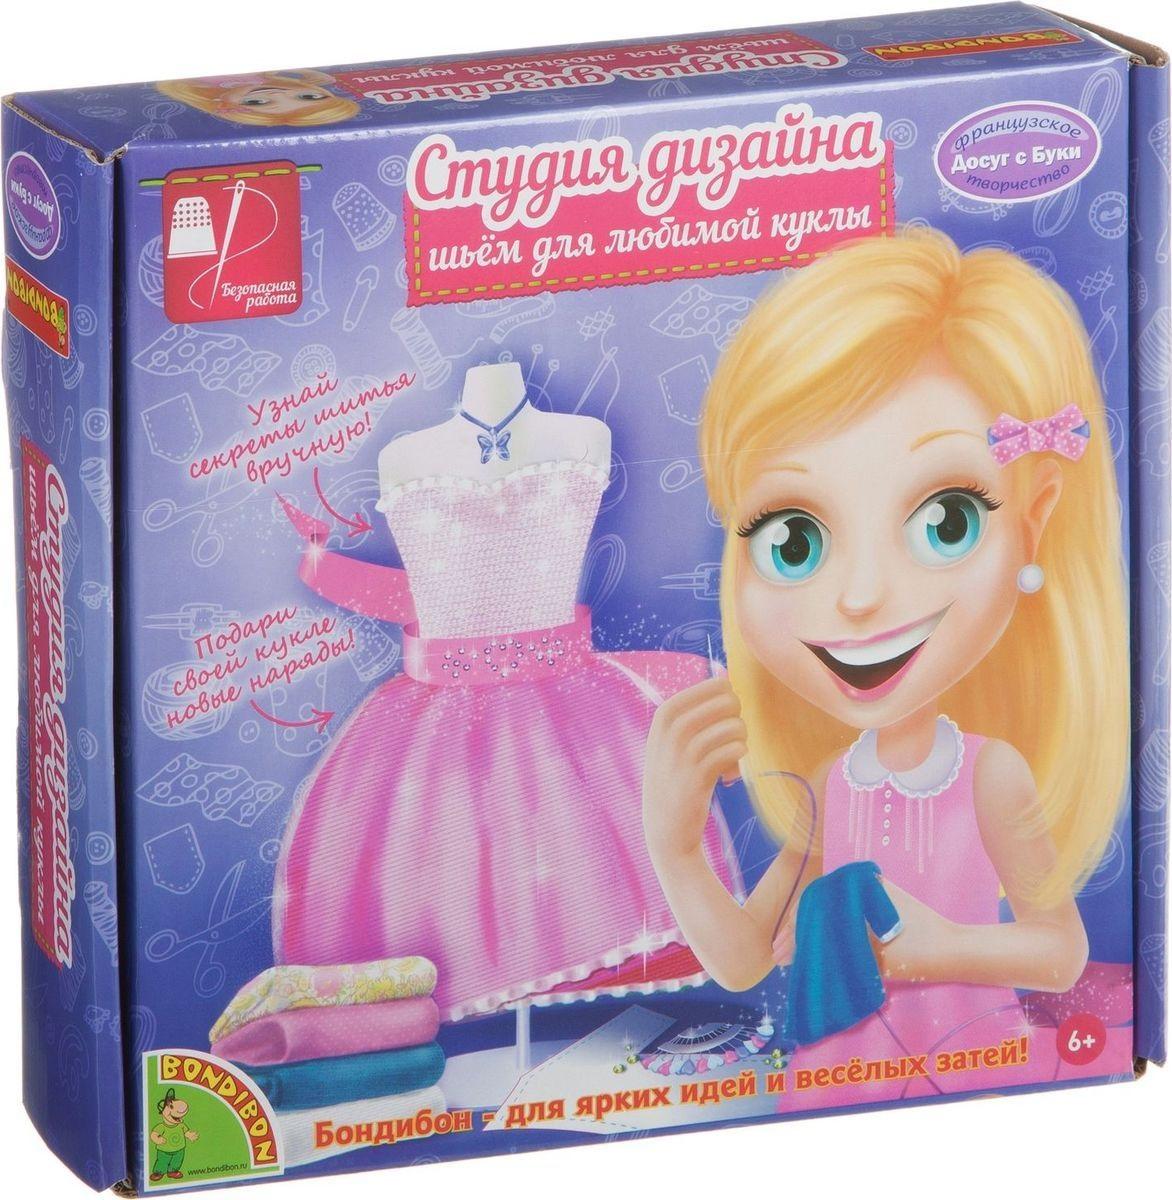 Шьем для любимой куклы Студия дизайна